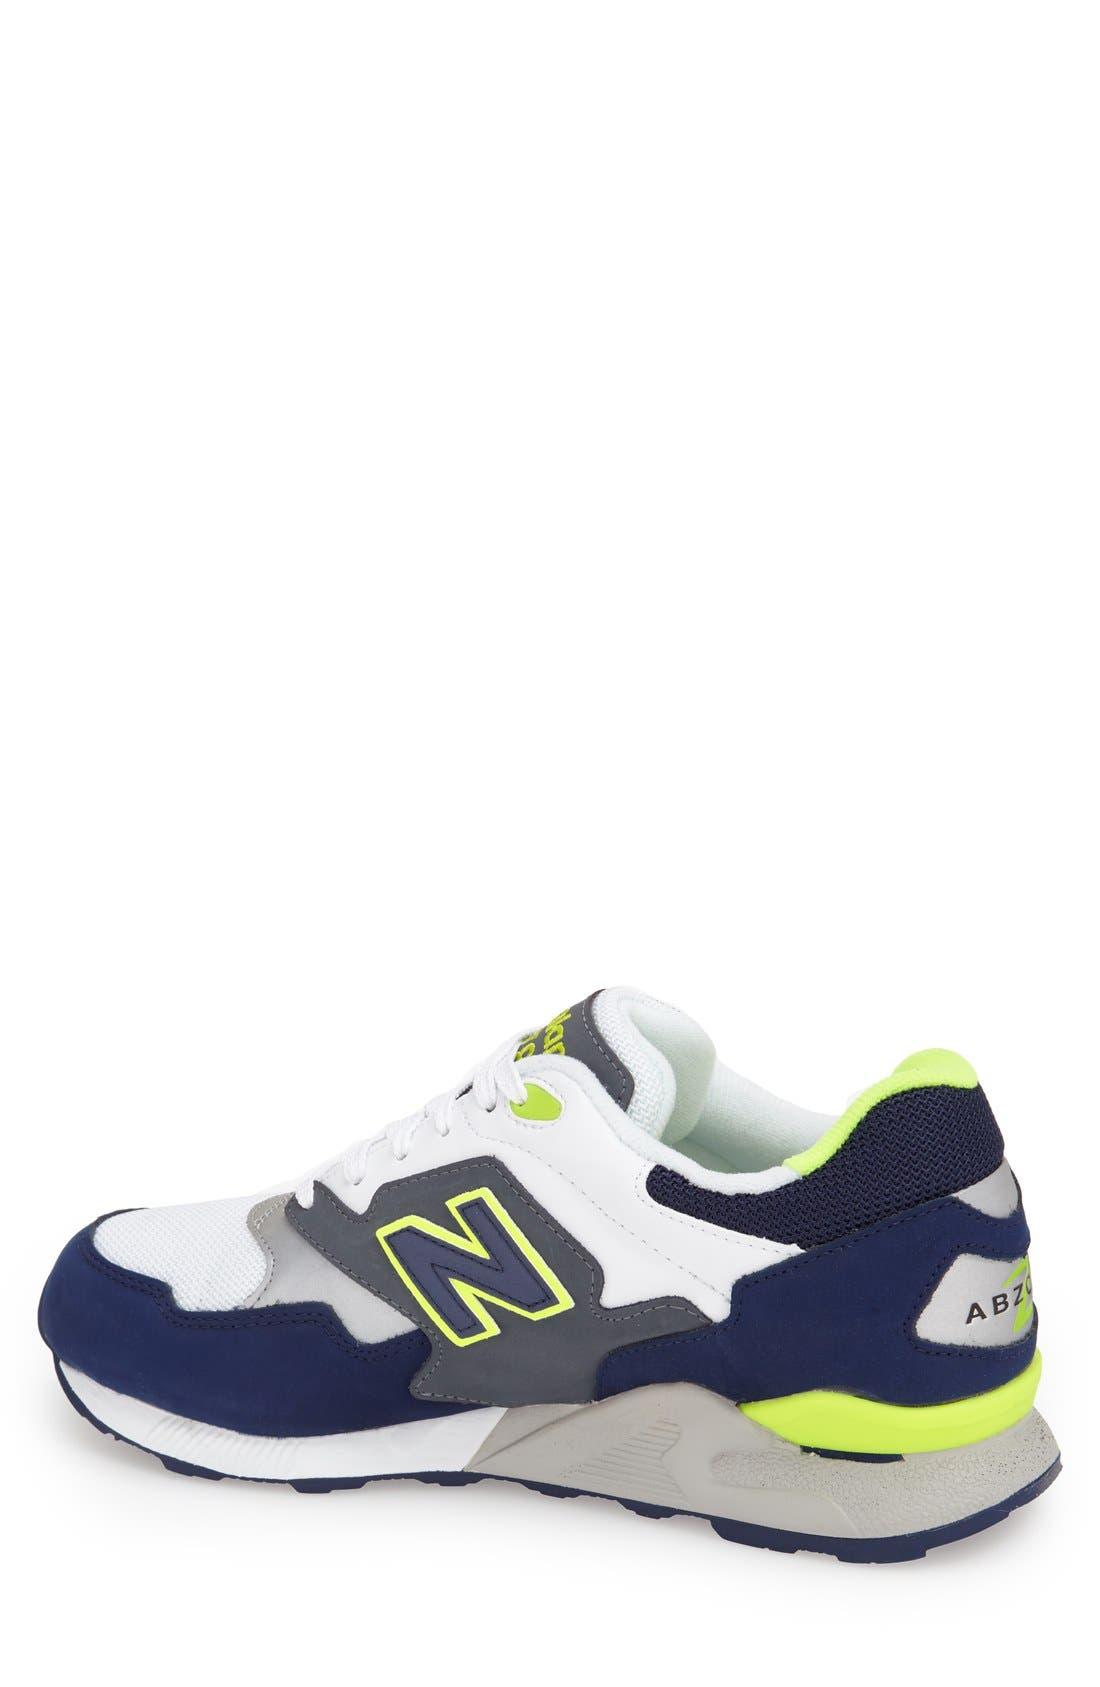 '878' Sneaker,                             Alternate thumbnail 4, color,                             033